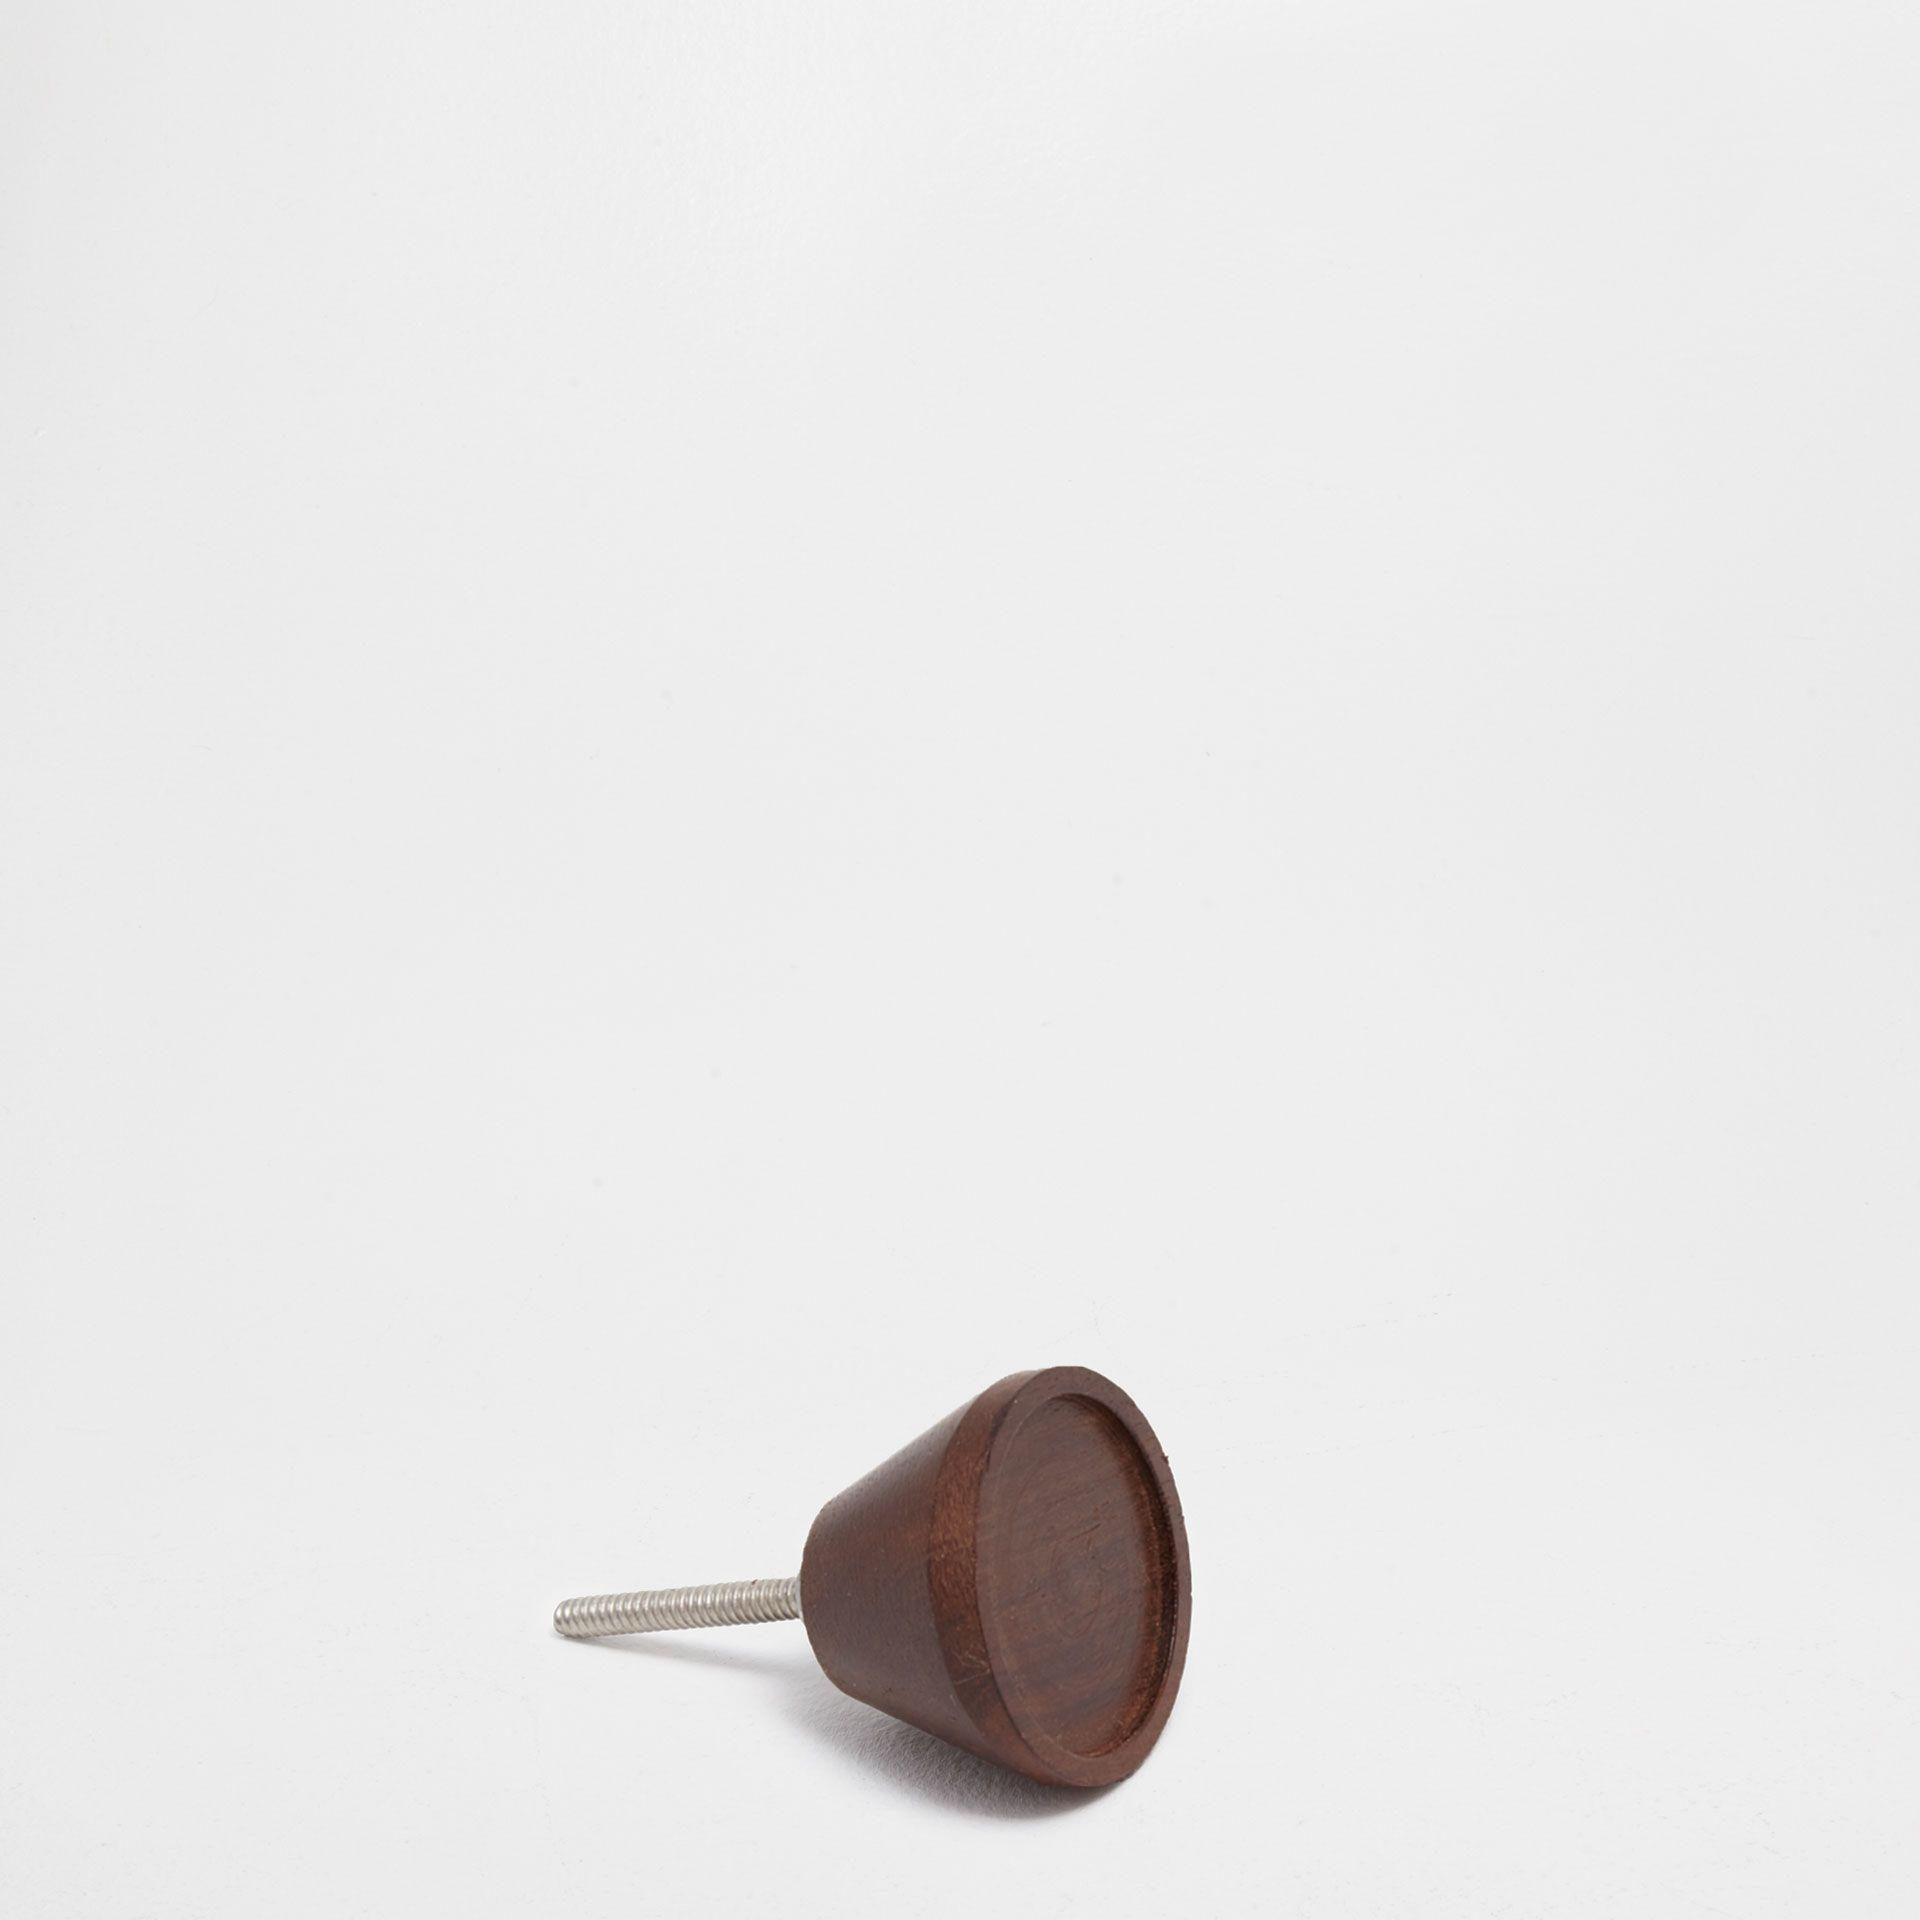 Tirador redondo madera (set de 2) - TIRADORES | COLGADORES ...